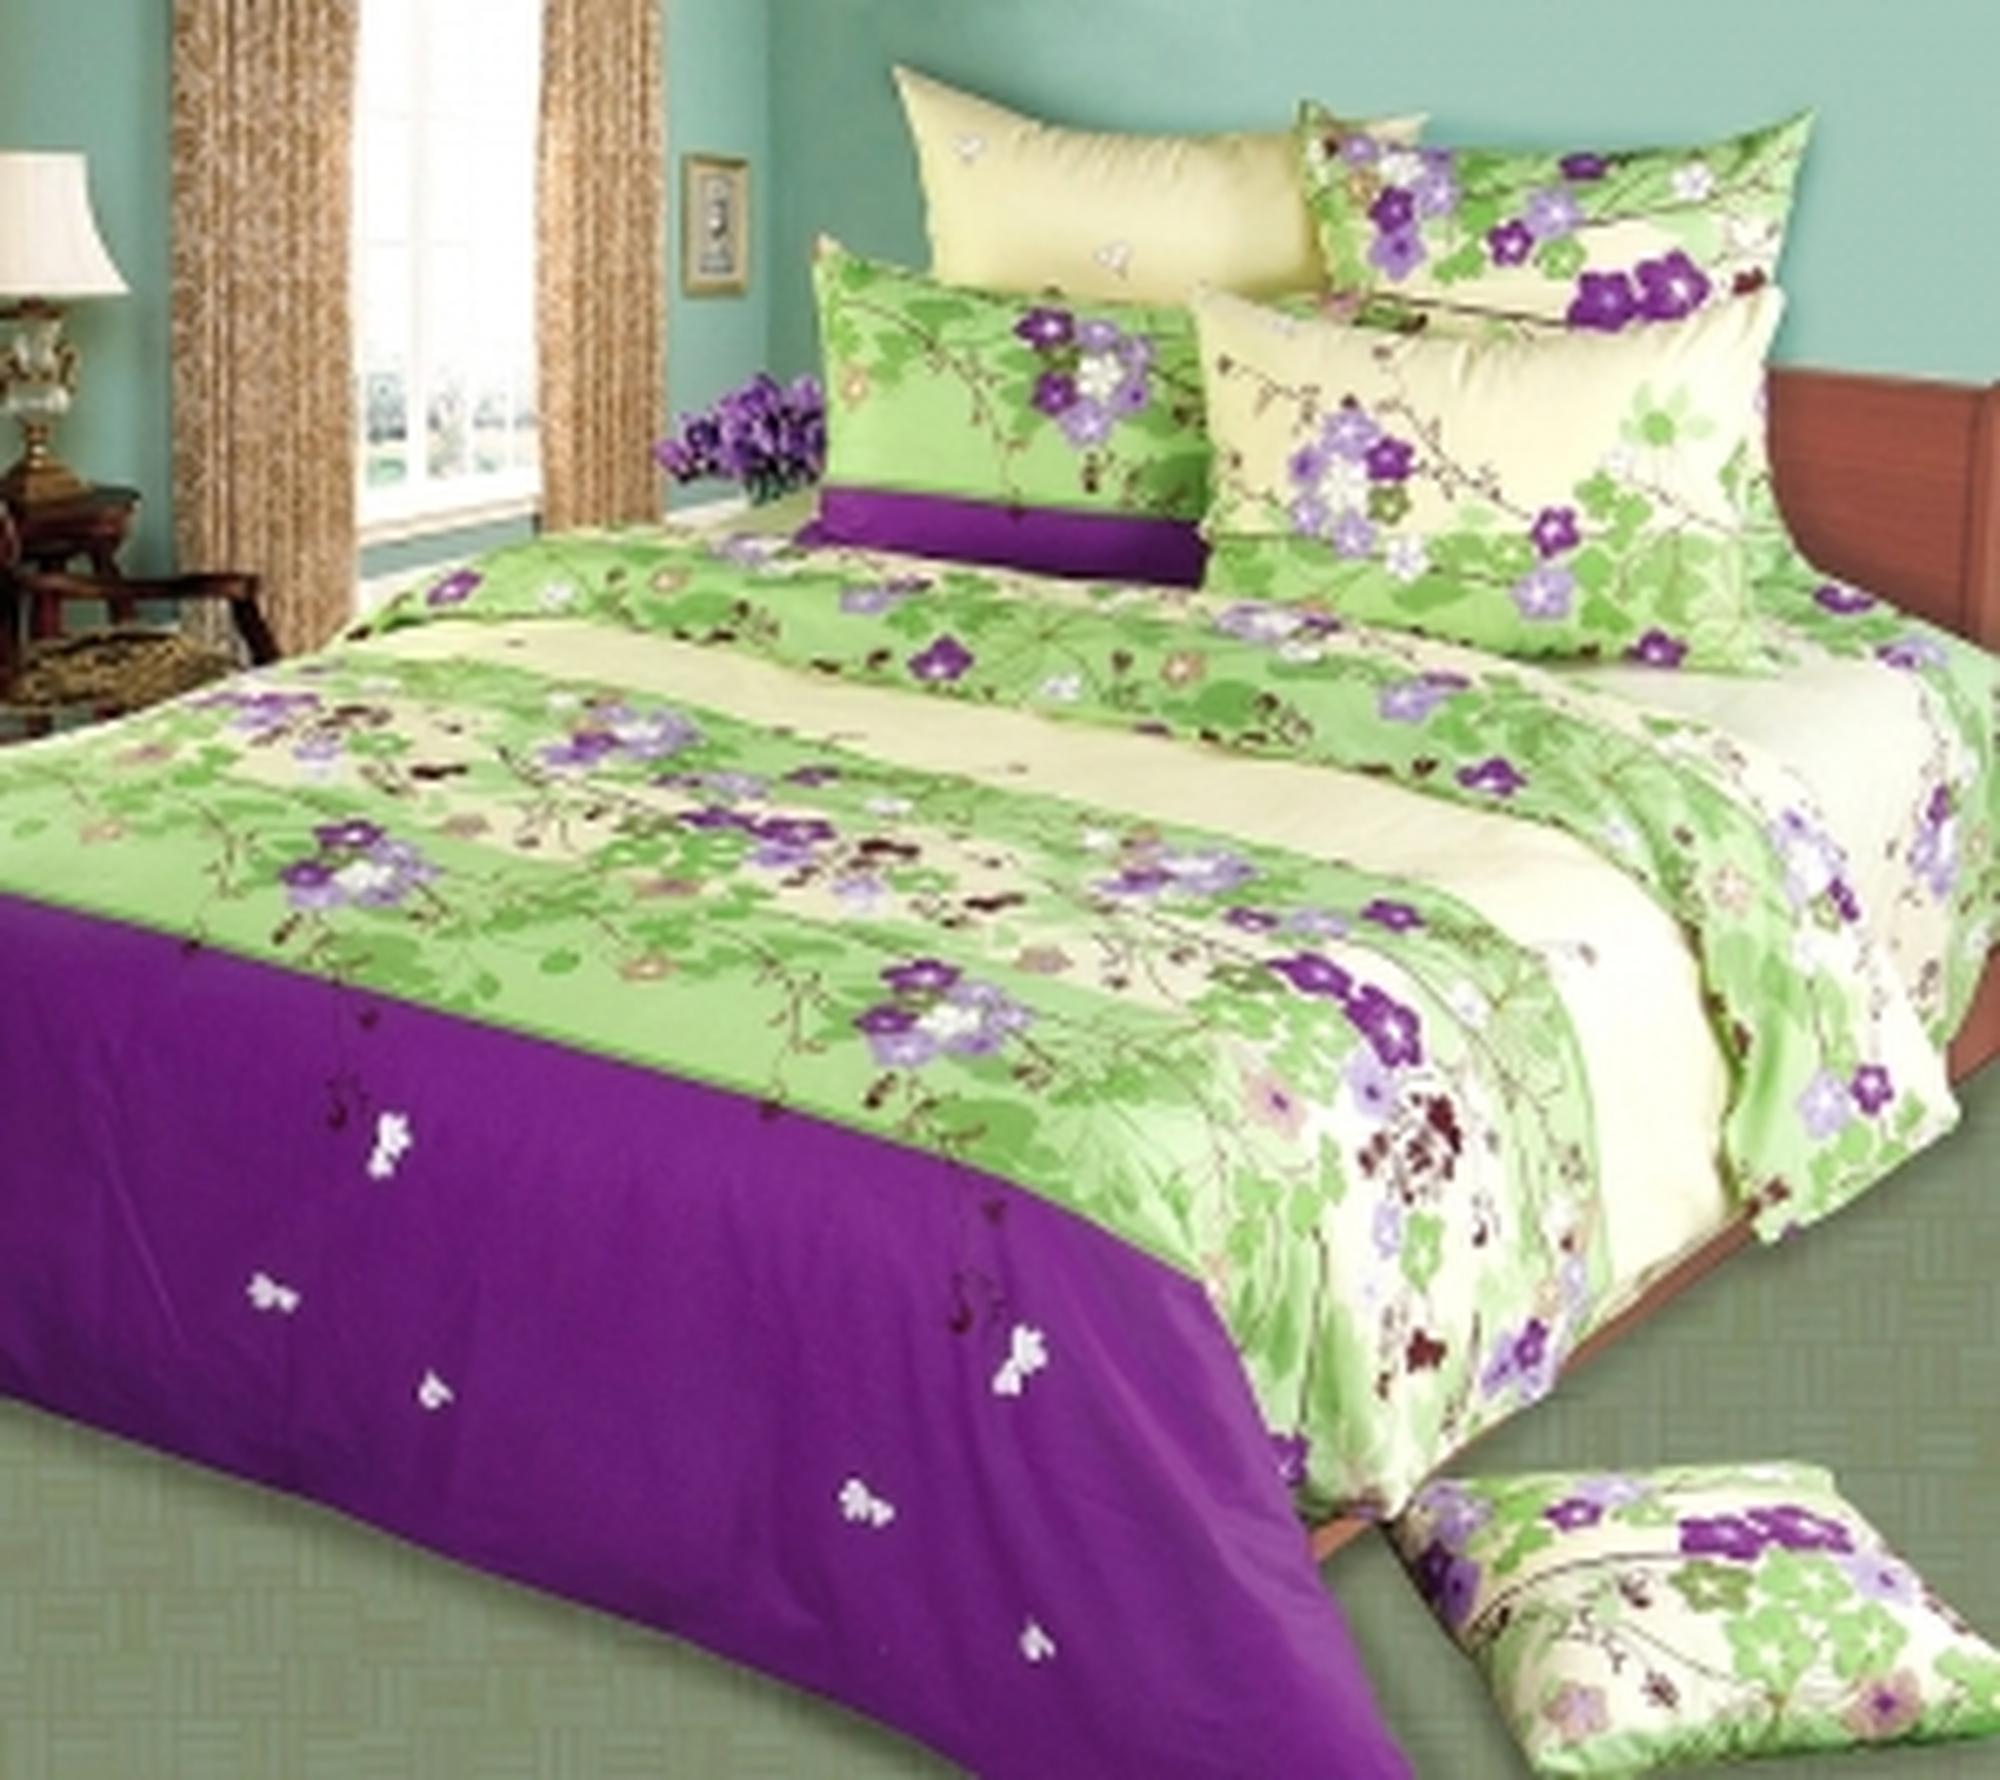 Текс Дизайн Комплект постельного белья «Дуновение 3» евро 1, 4 предмета.